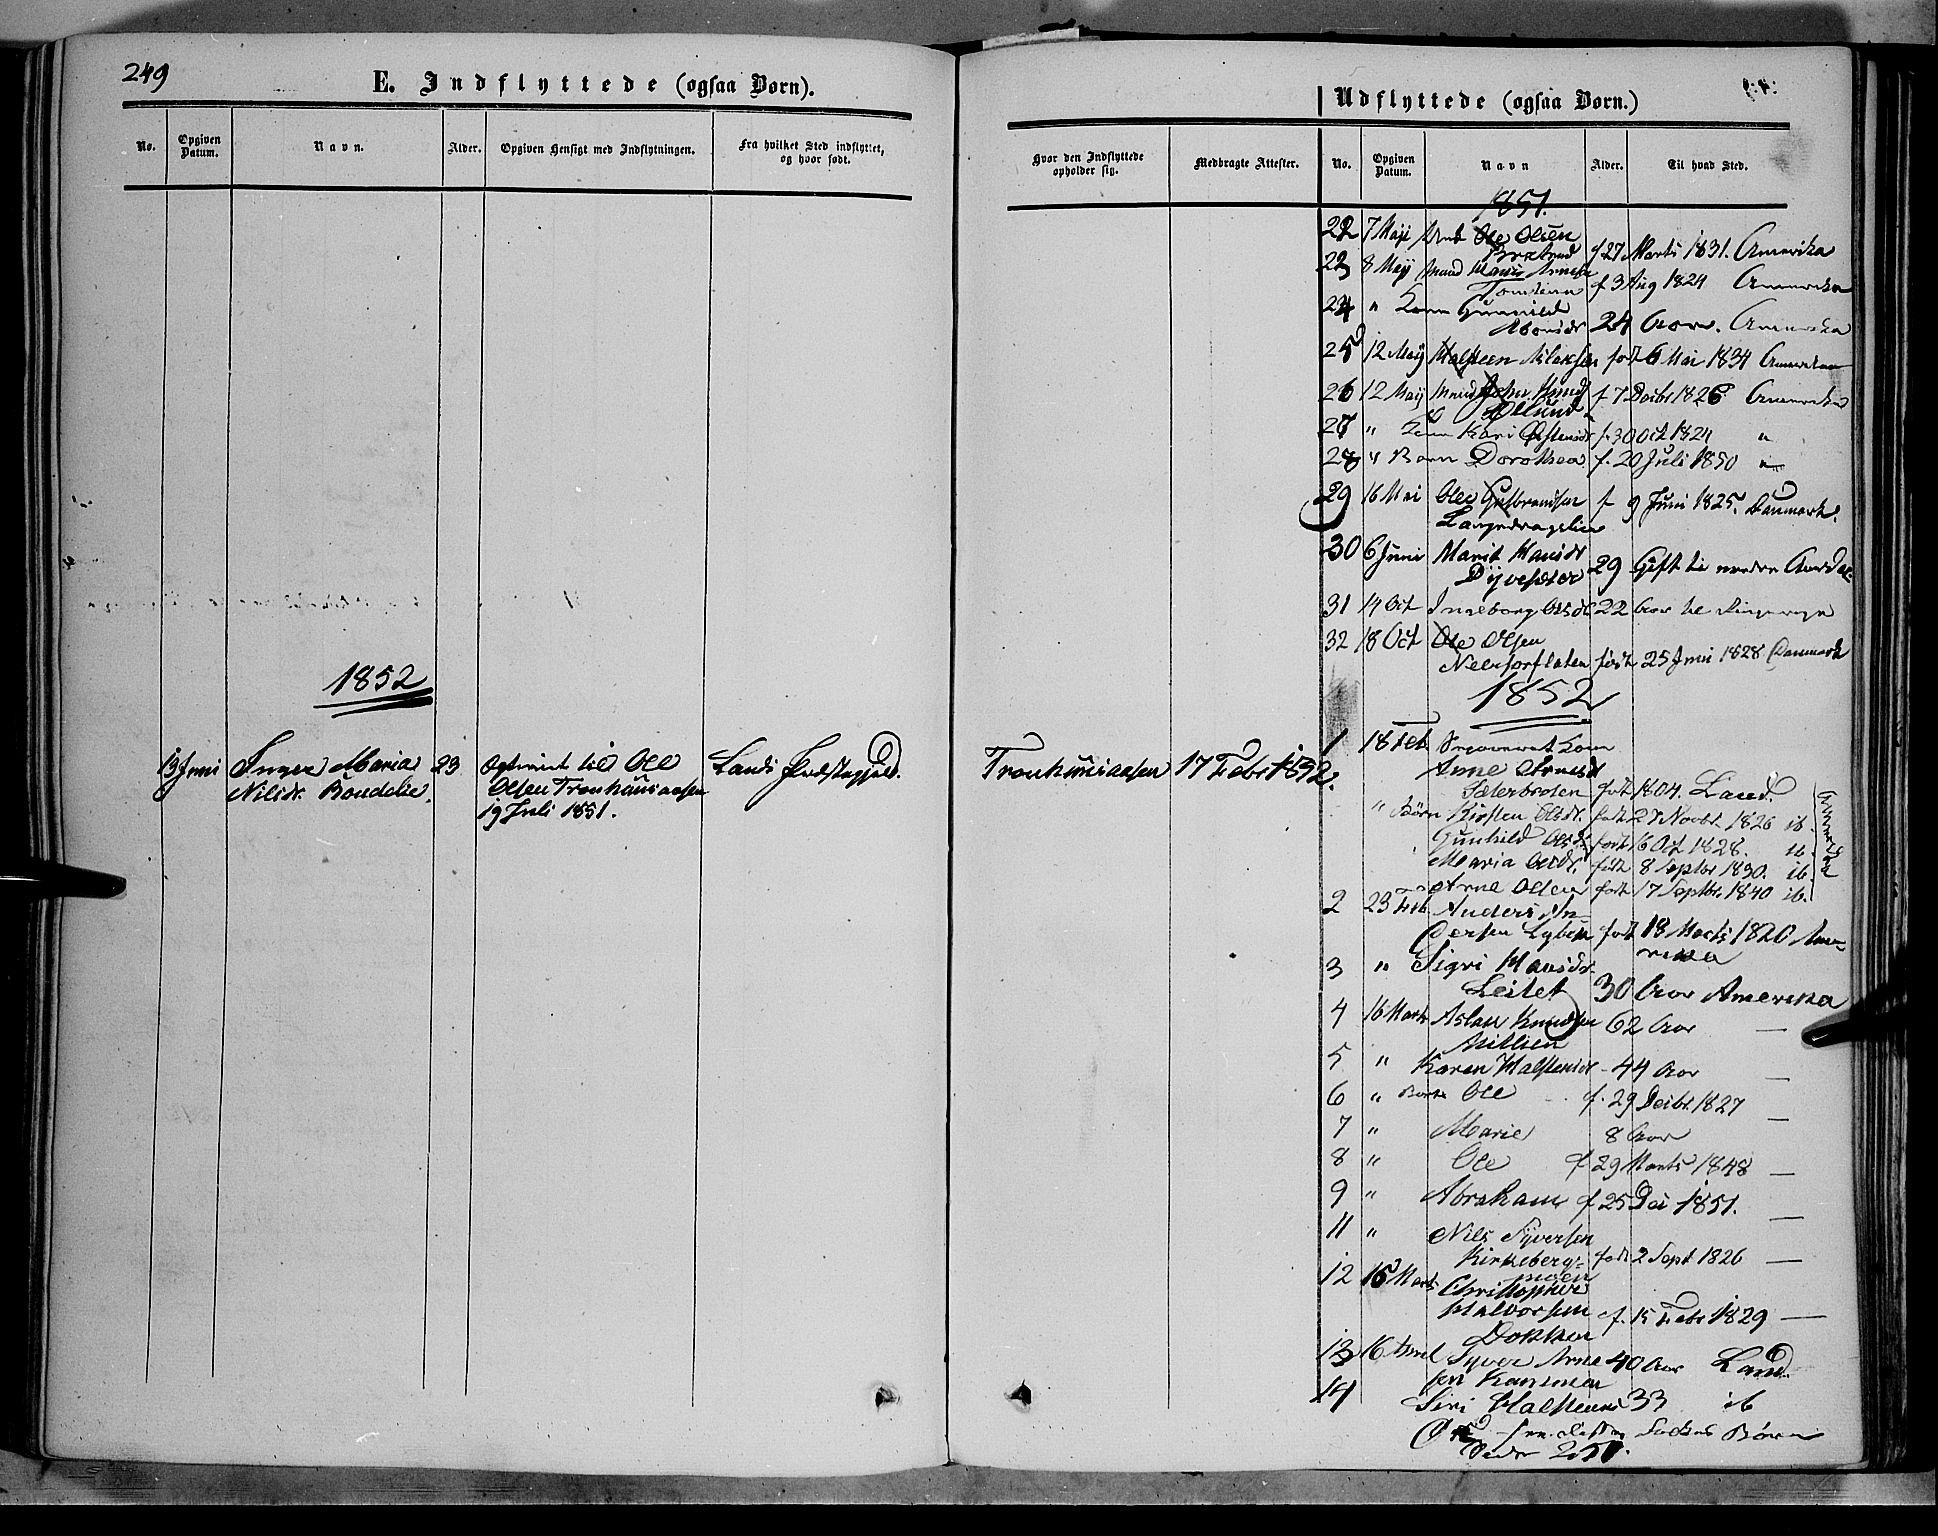 SAH, Sør-Aurdal prestekontor, Ministerialbok nr. 5, 1849-1876, s. 249